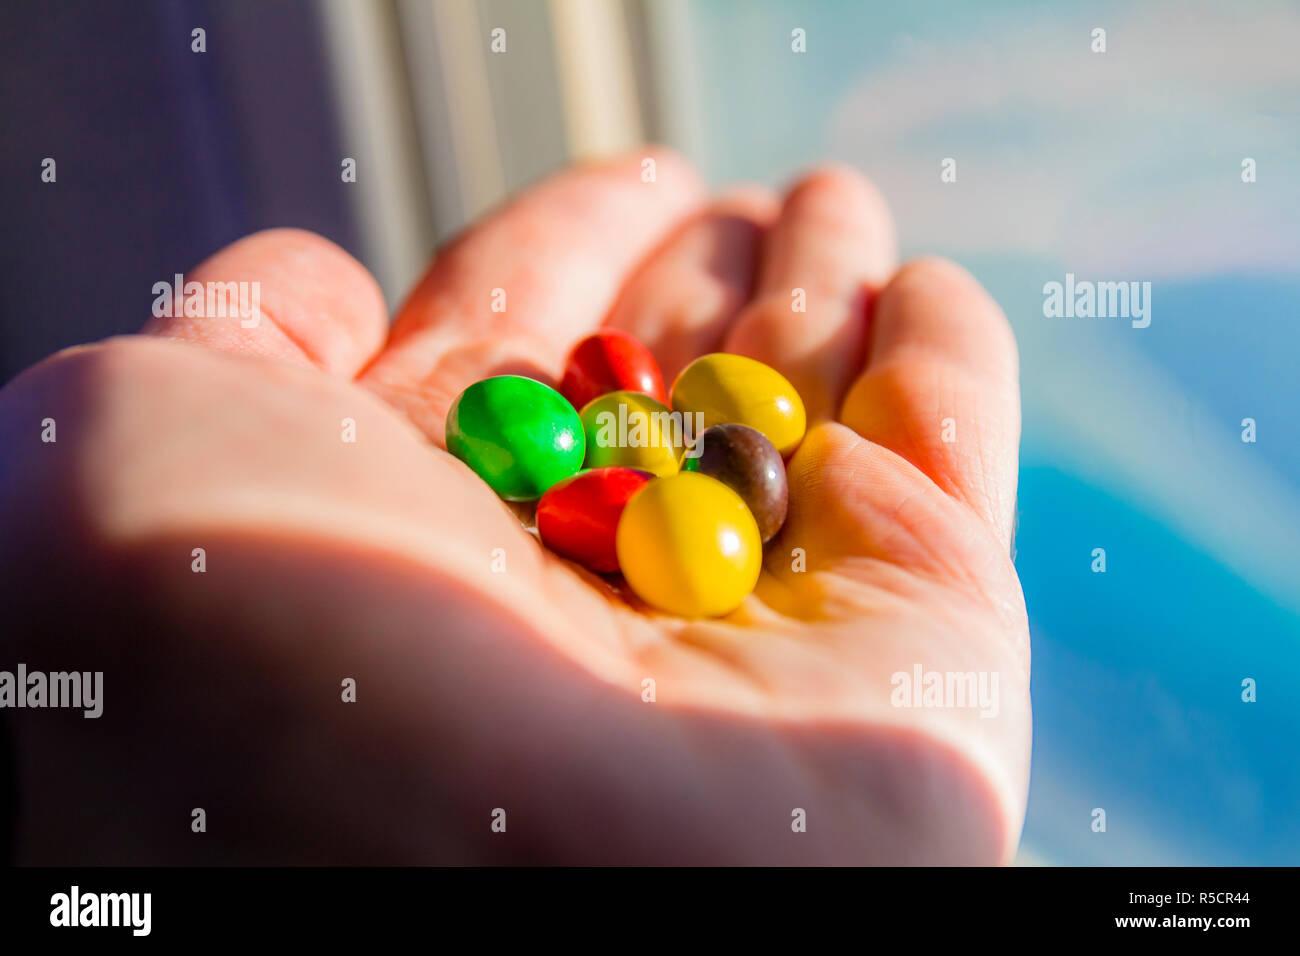 Mann hand mit bunten Schokolinsen Tasten Stockfoto